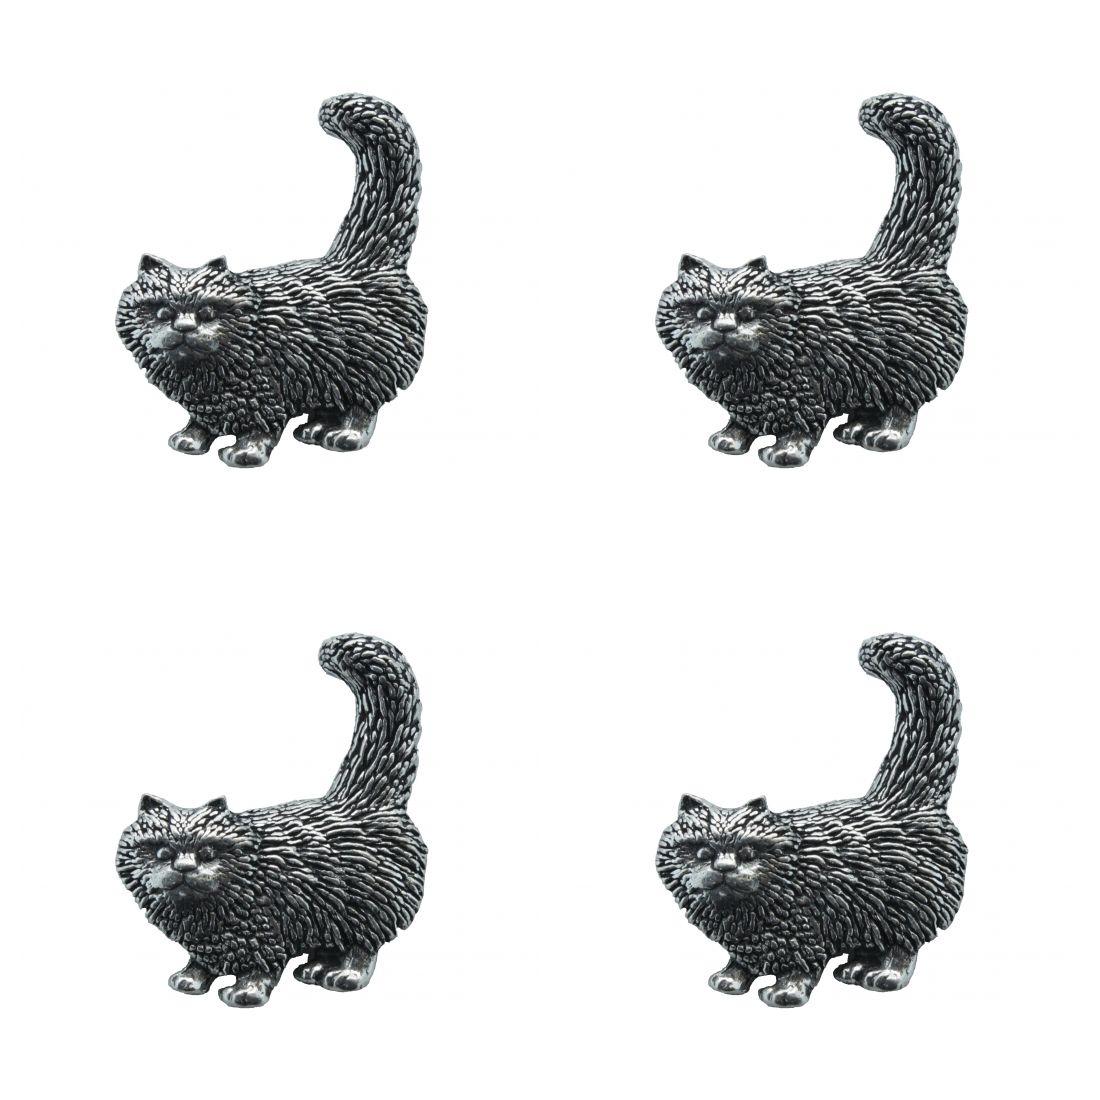 4x Pin Anstecker Badge Katze stehend, 3,1x3,6cm